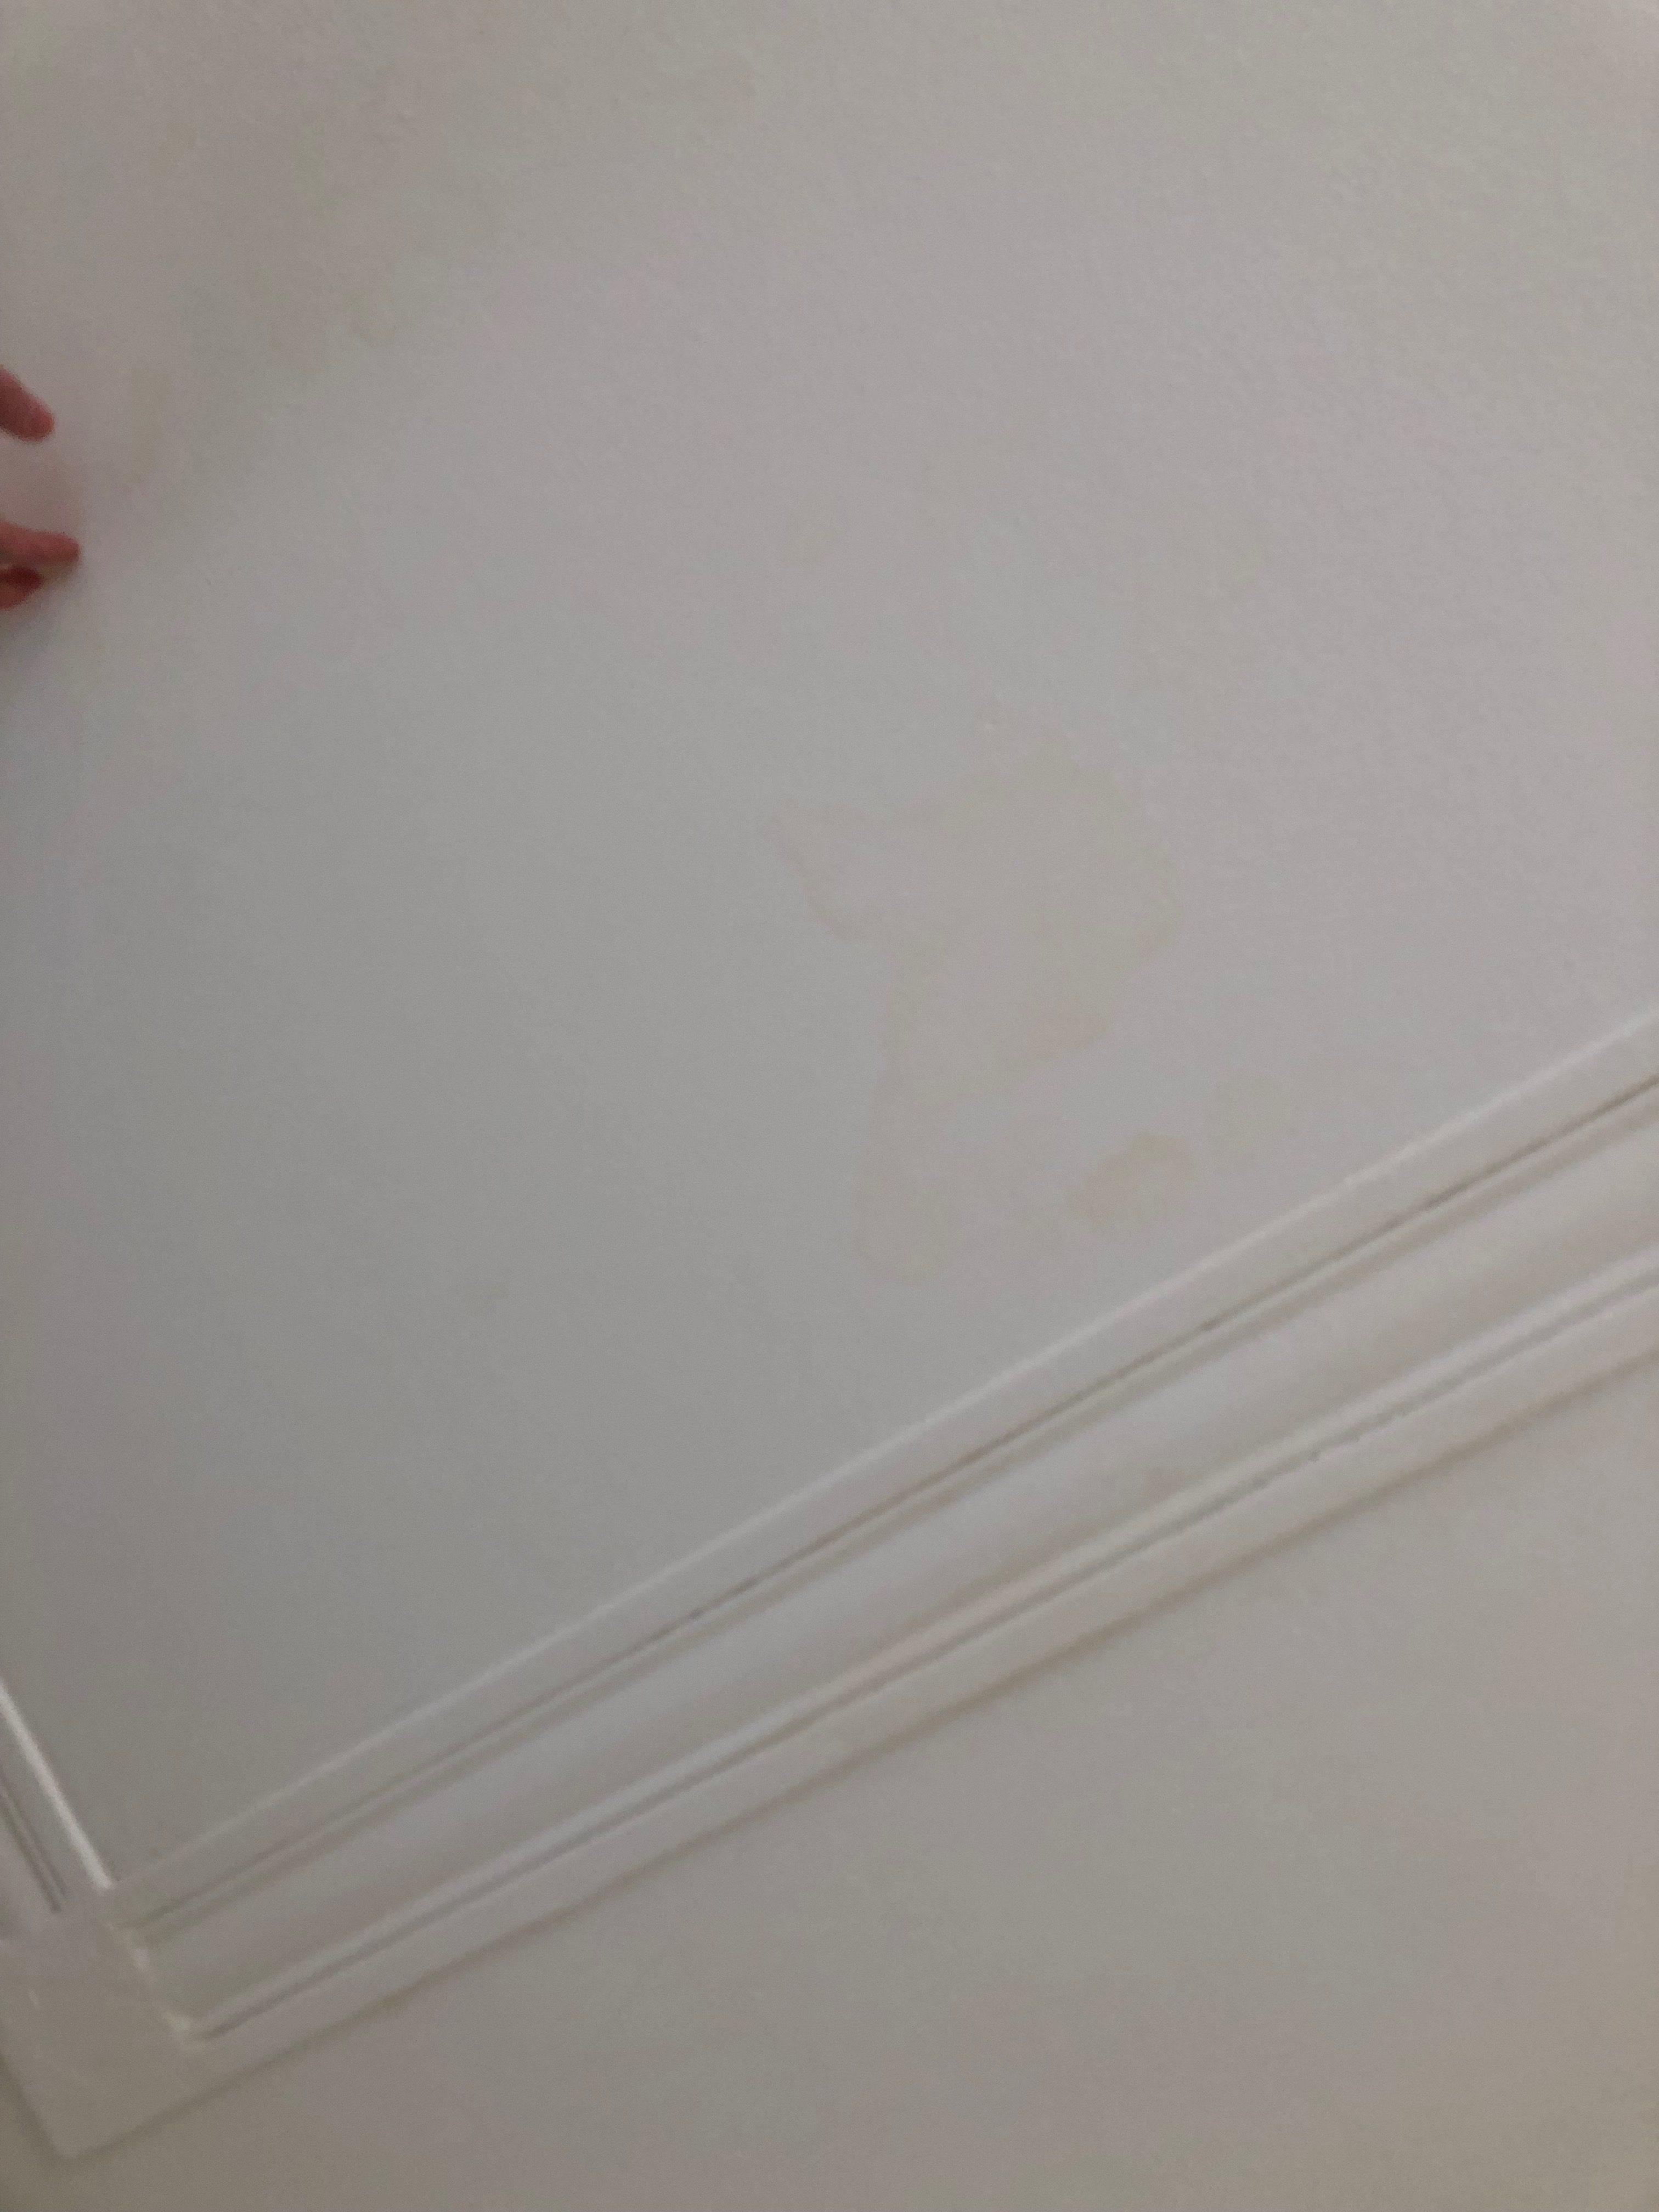 Beschadiging op het plafond - loszittende delen + waterschade